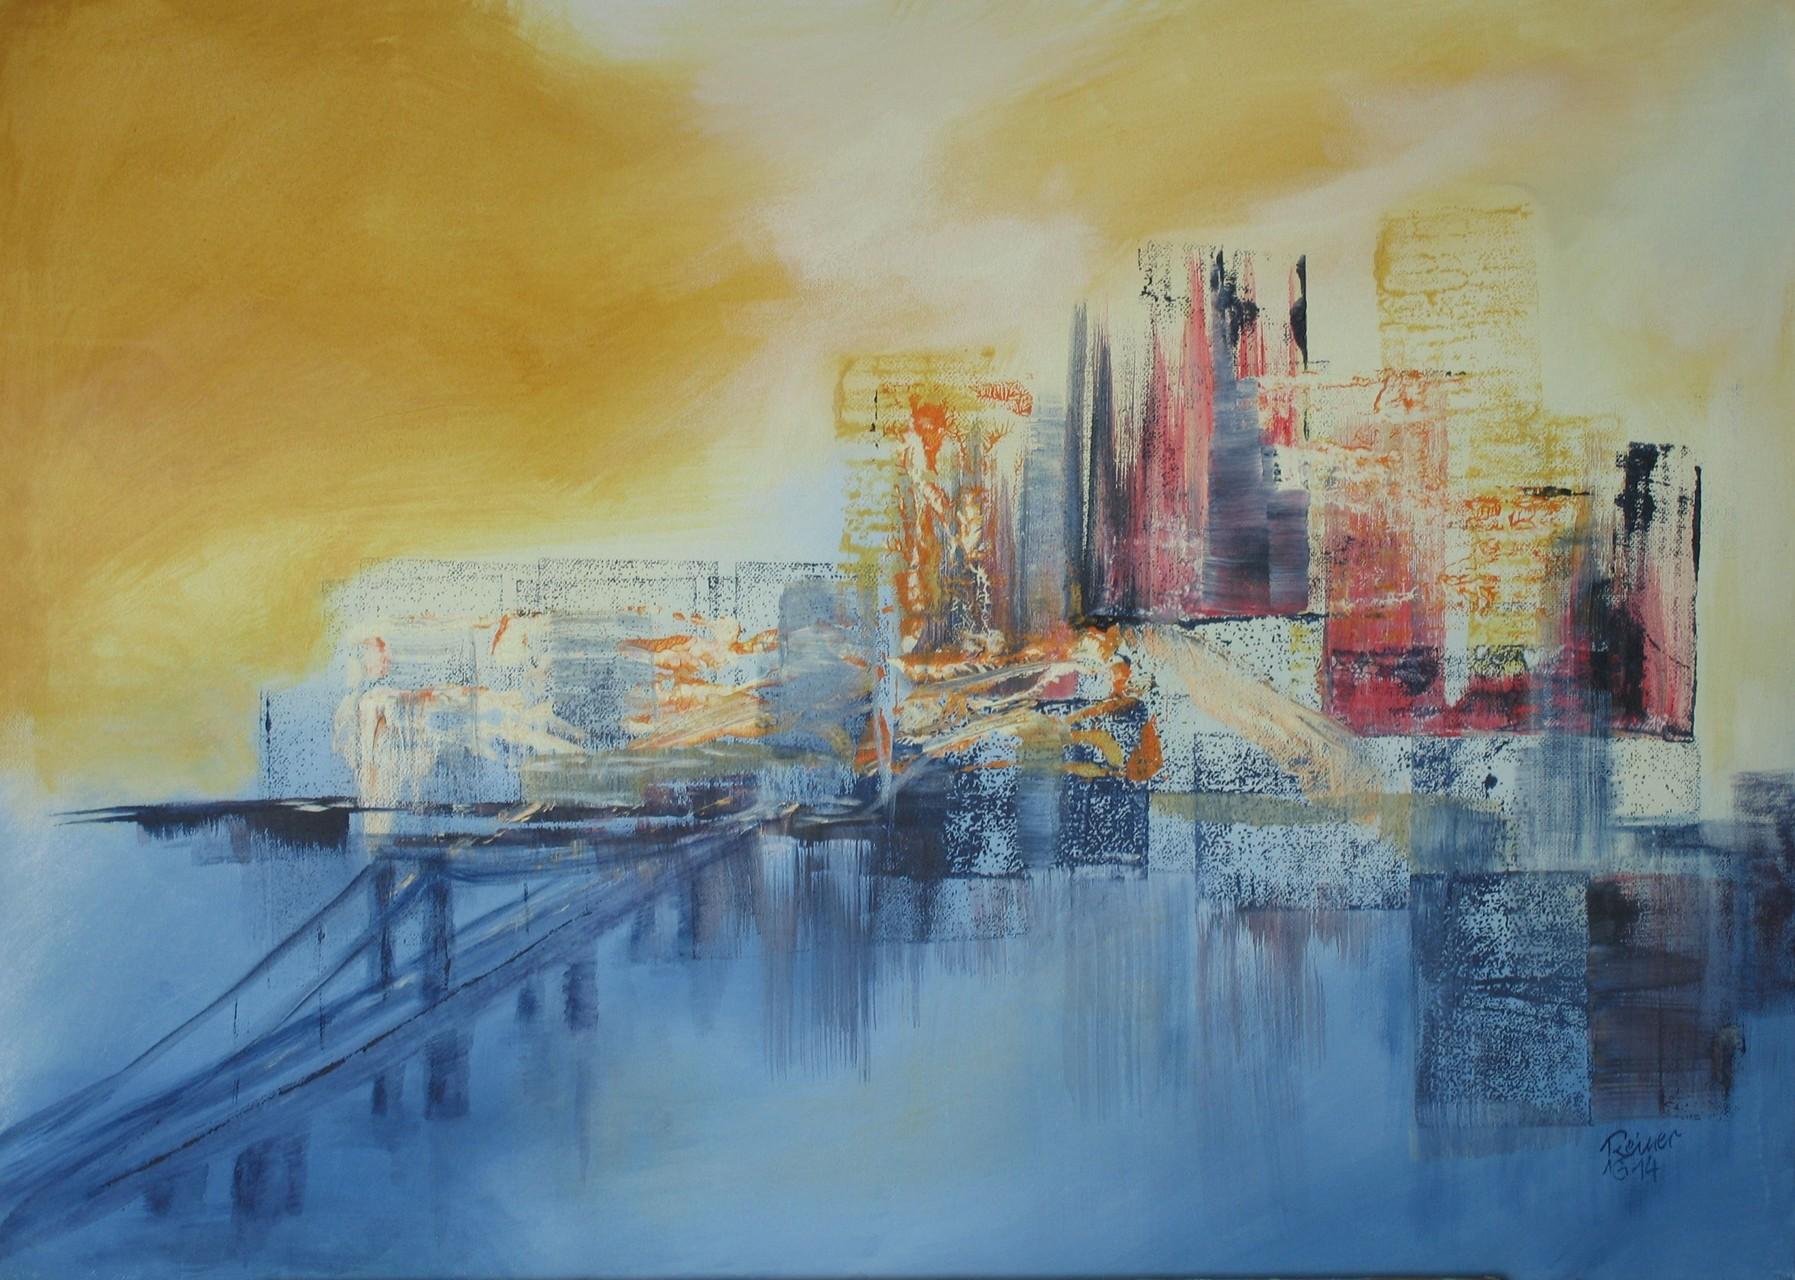 Stadtimpression, Acryl auf Leinwand, 50 x 70 cm